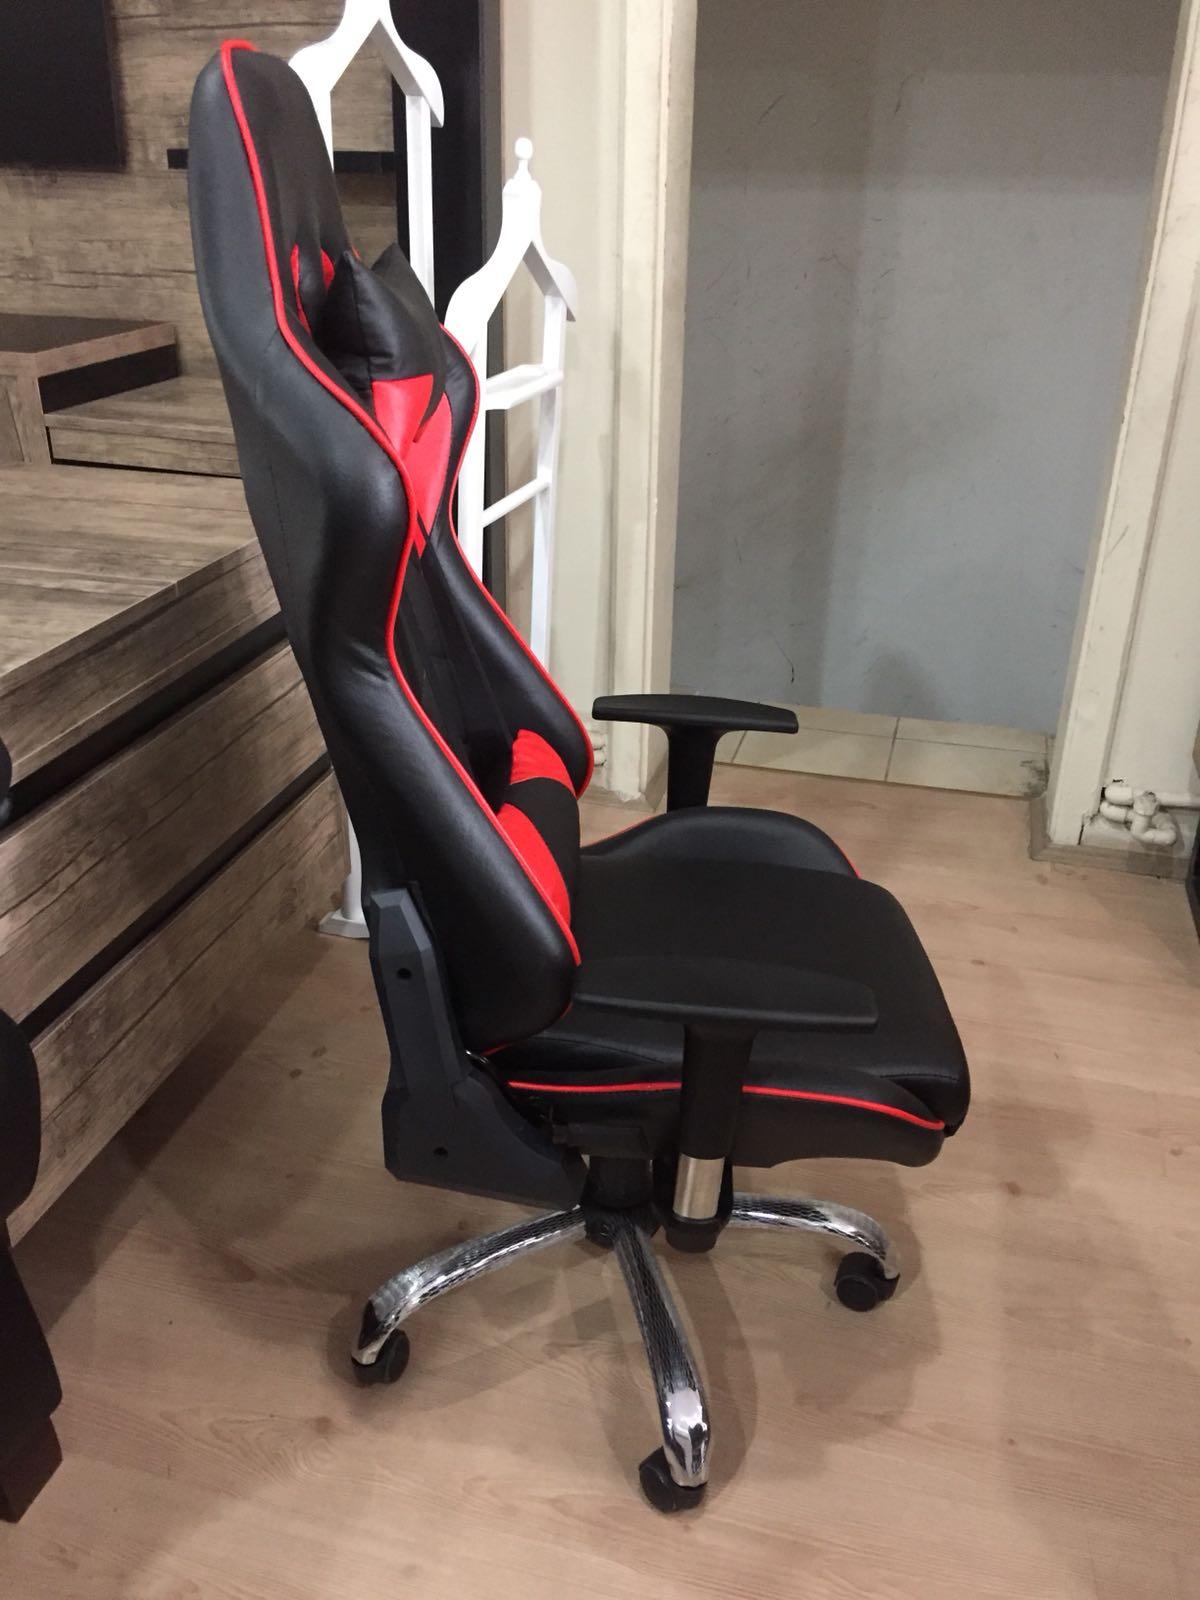 bilgisayar oyuncu koltugu sifir uygun fiyat